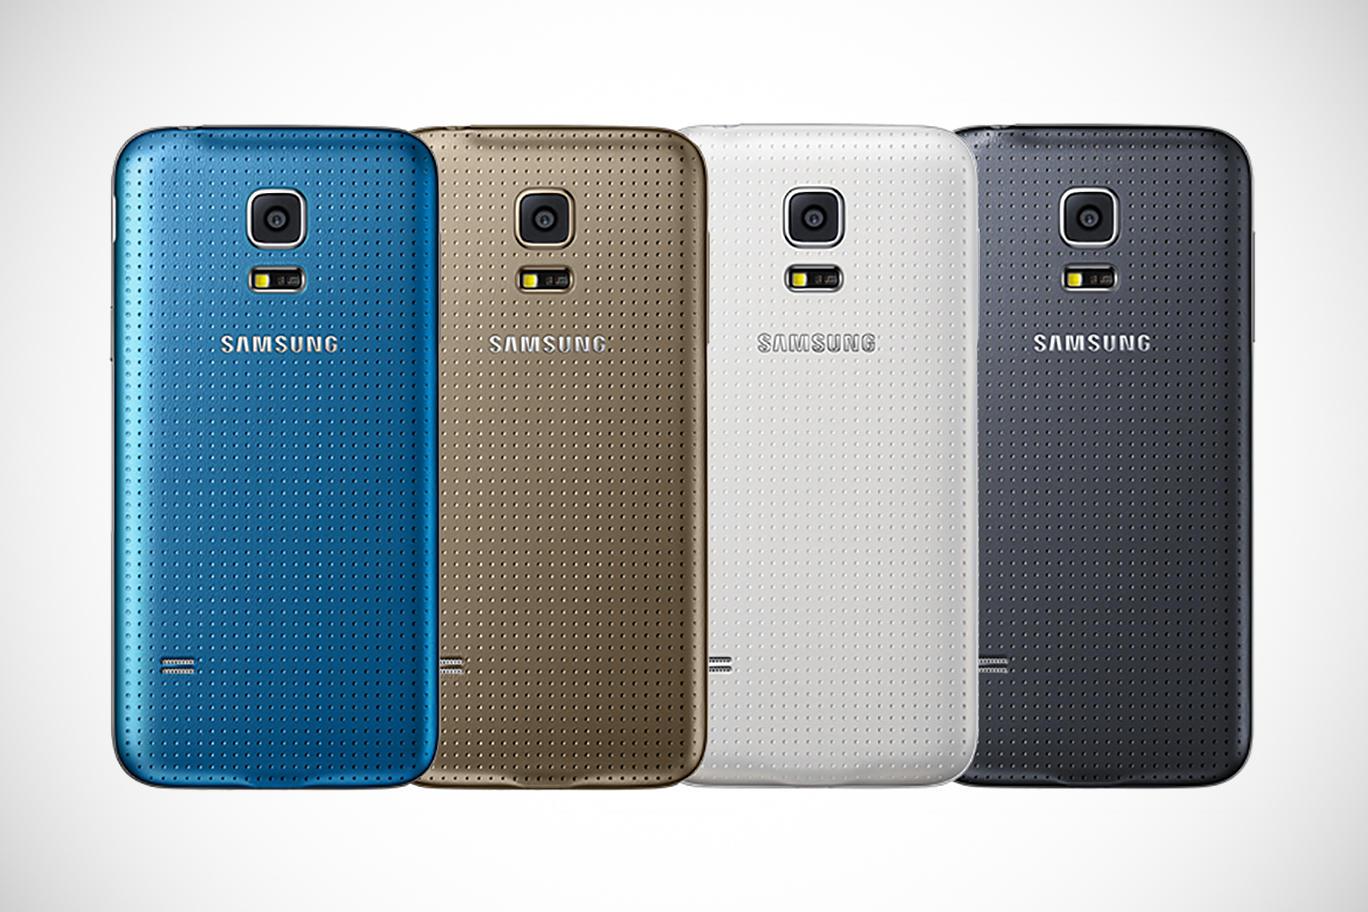 Galaxy S5 Mini w